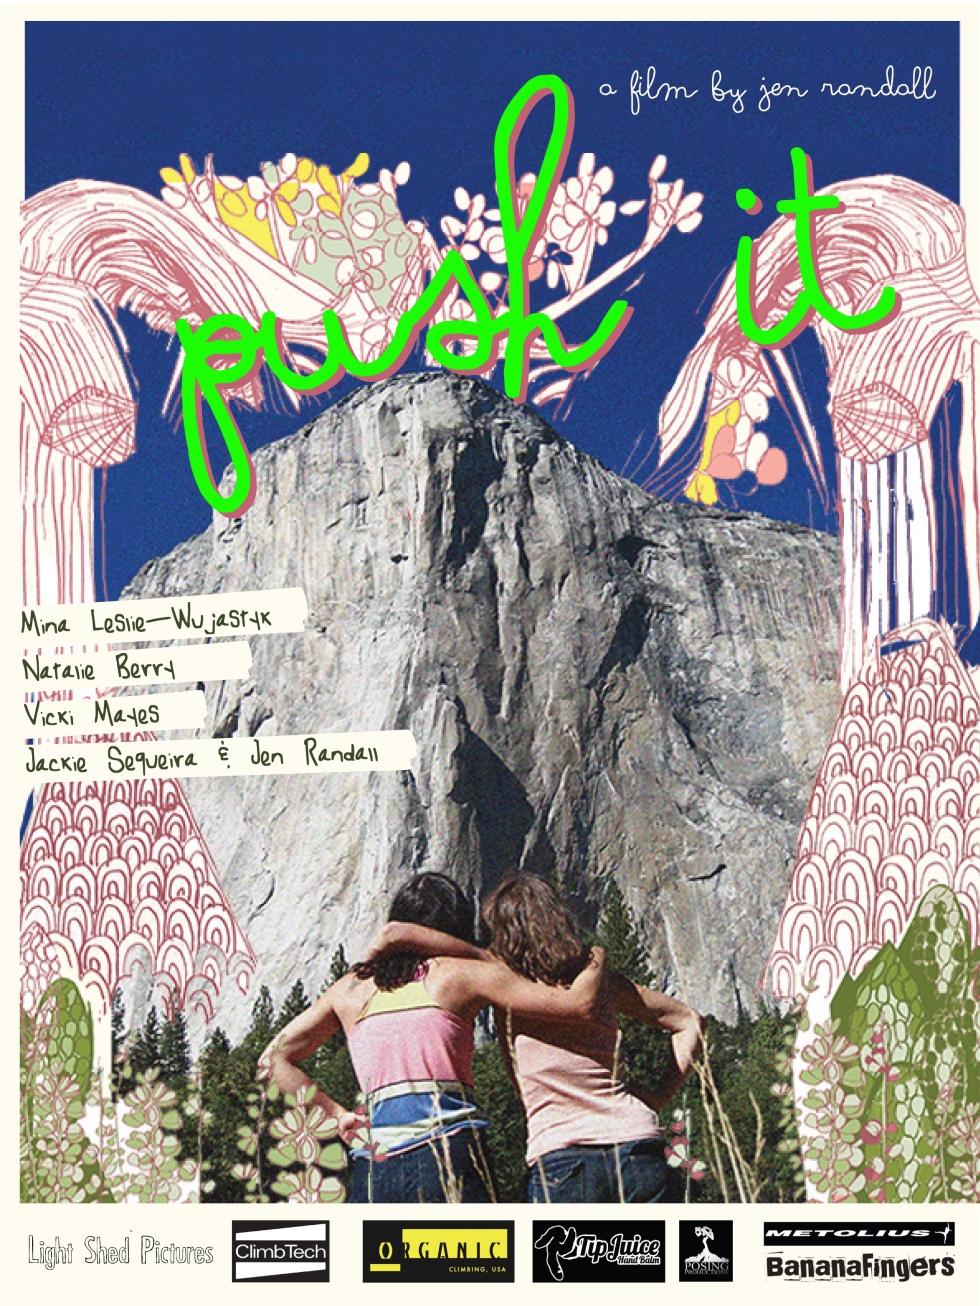 PushIt_Poster_Reelhouse